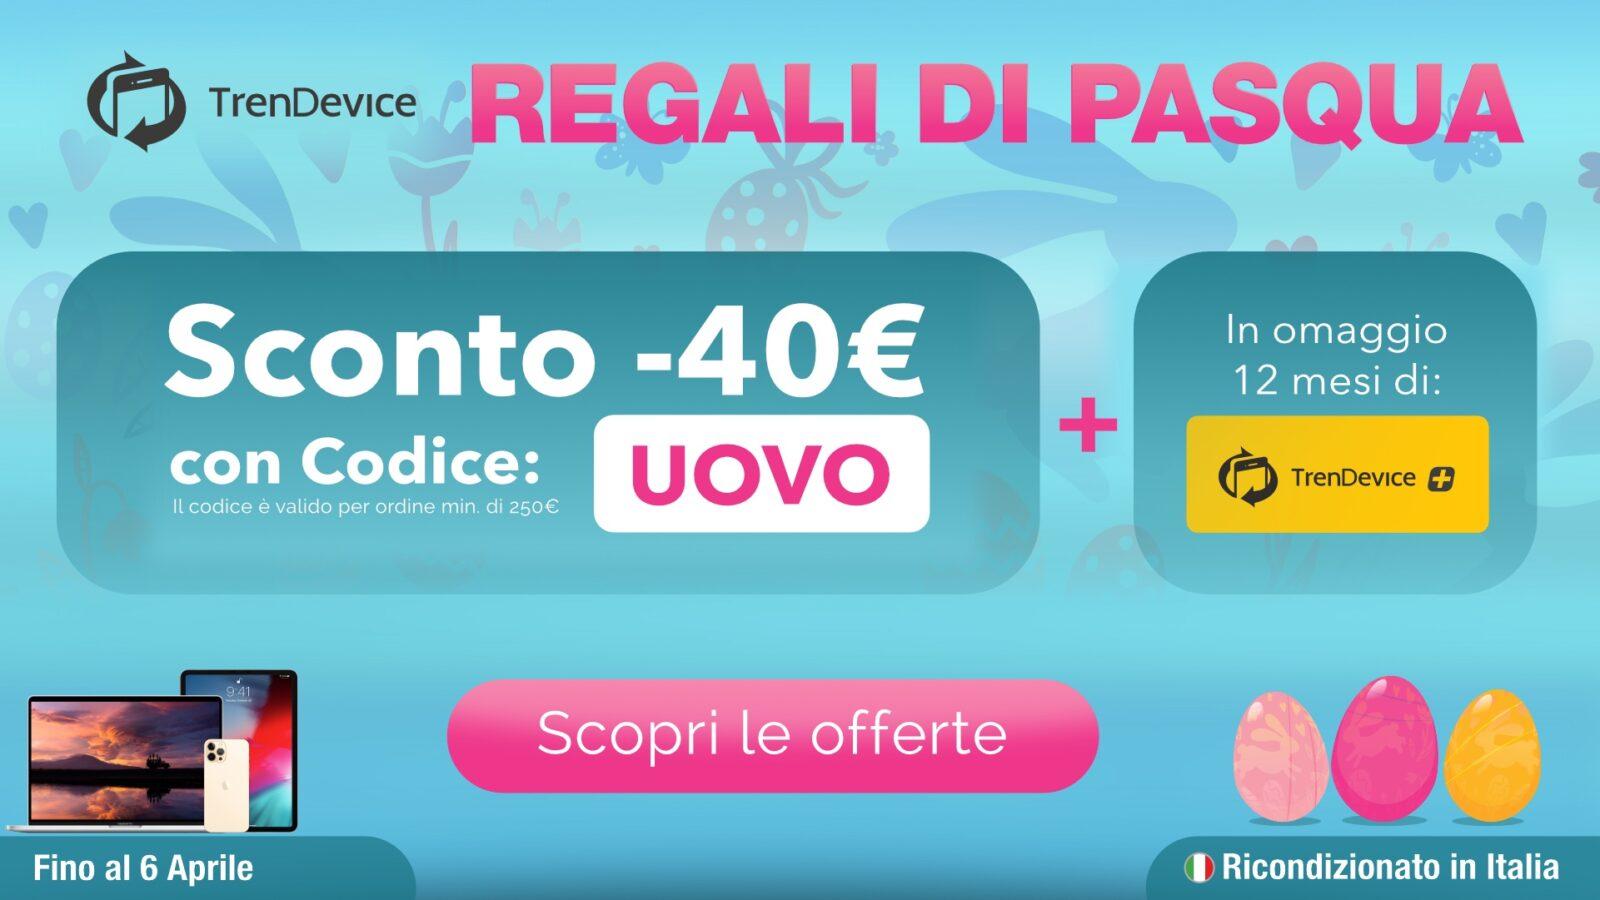 Regali di Pasqua sui Ricondizionati TrenDevice: Sconto 40€ più 1 omaggio con sei benefici esclusivi